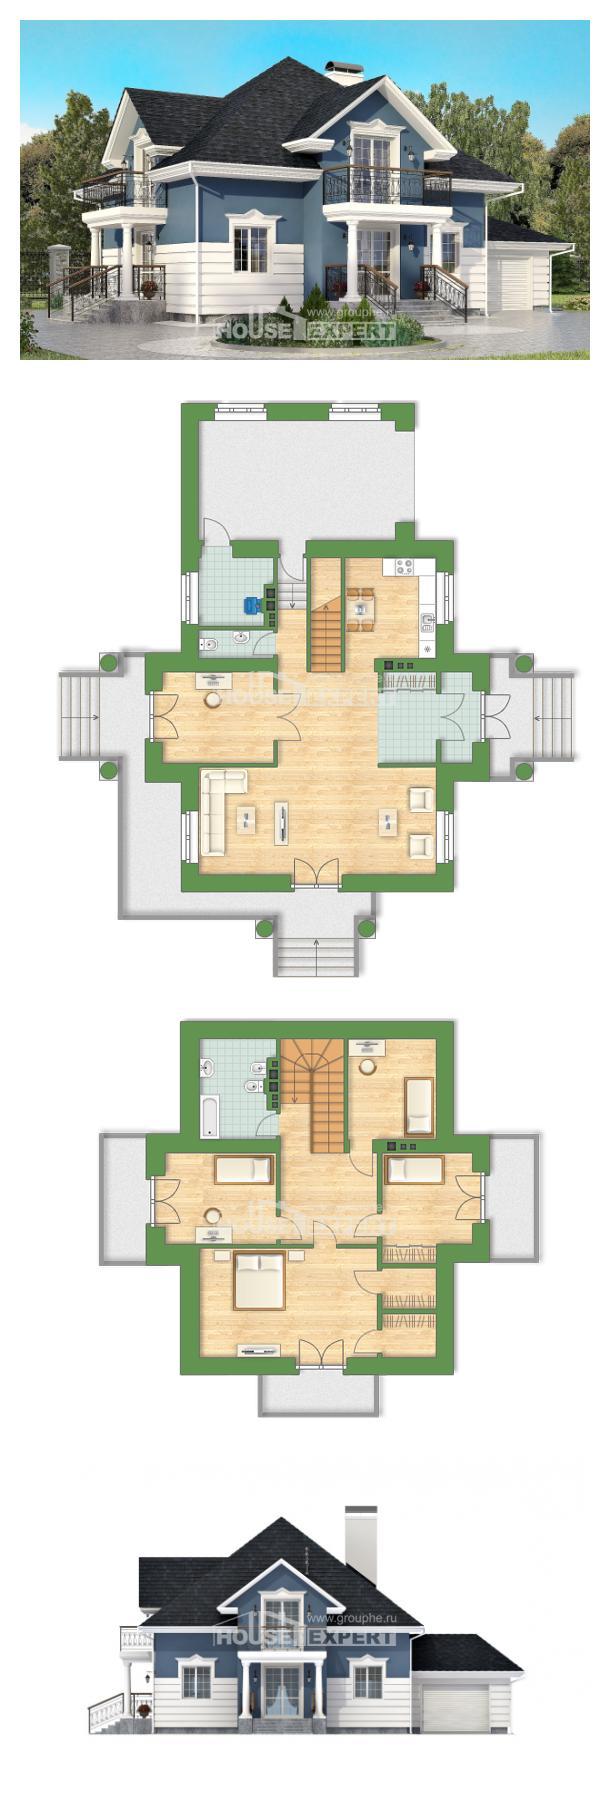 Proyecto de casa 180-002-R   House Expert